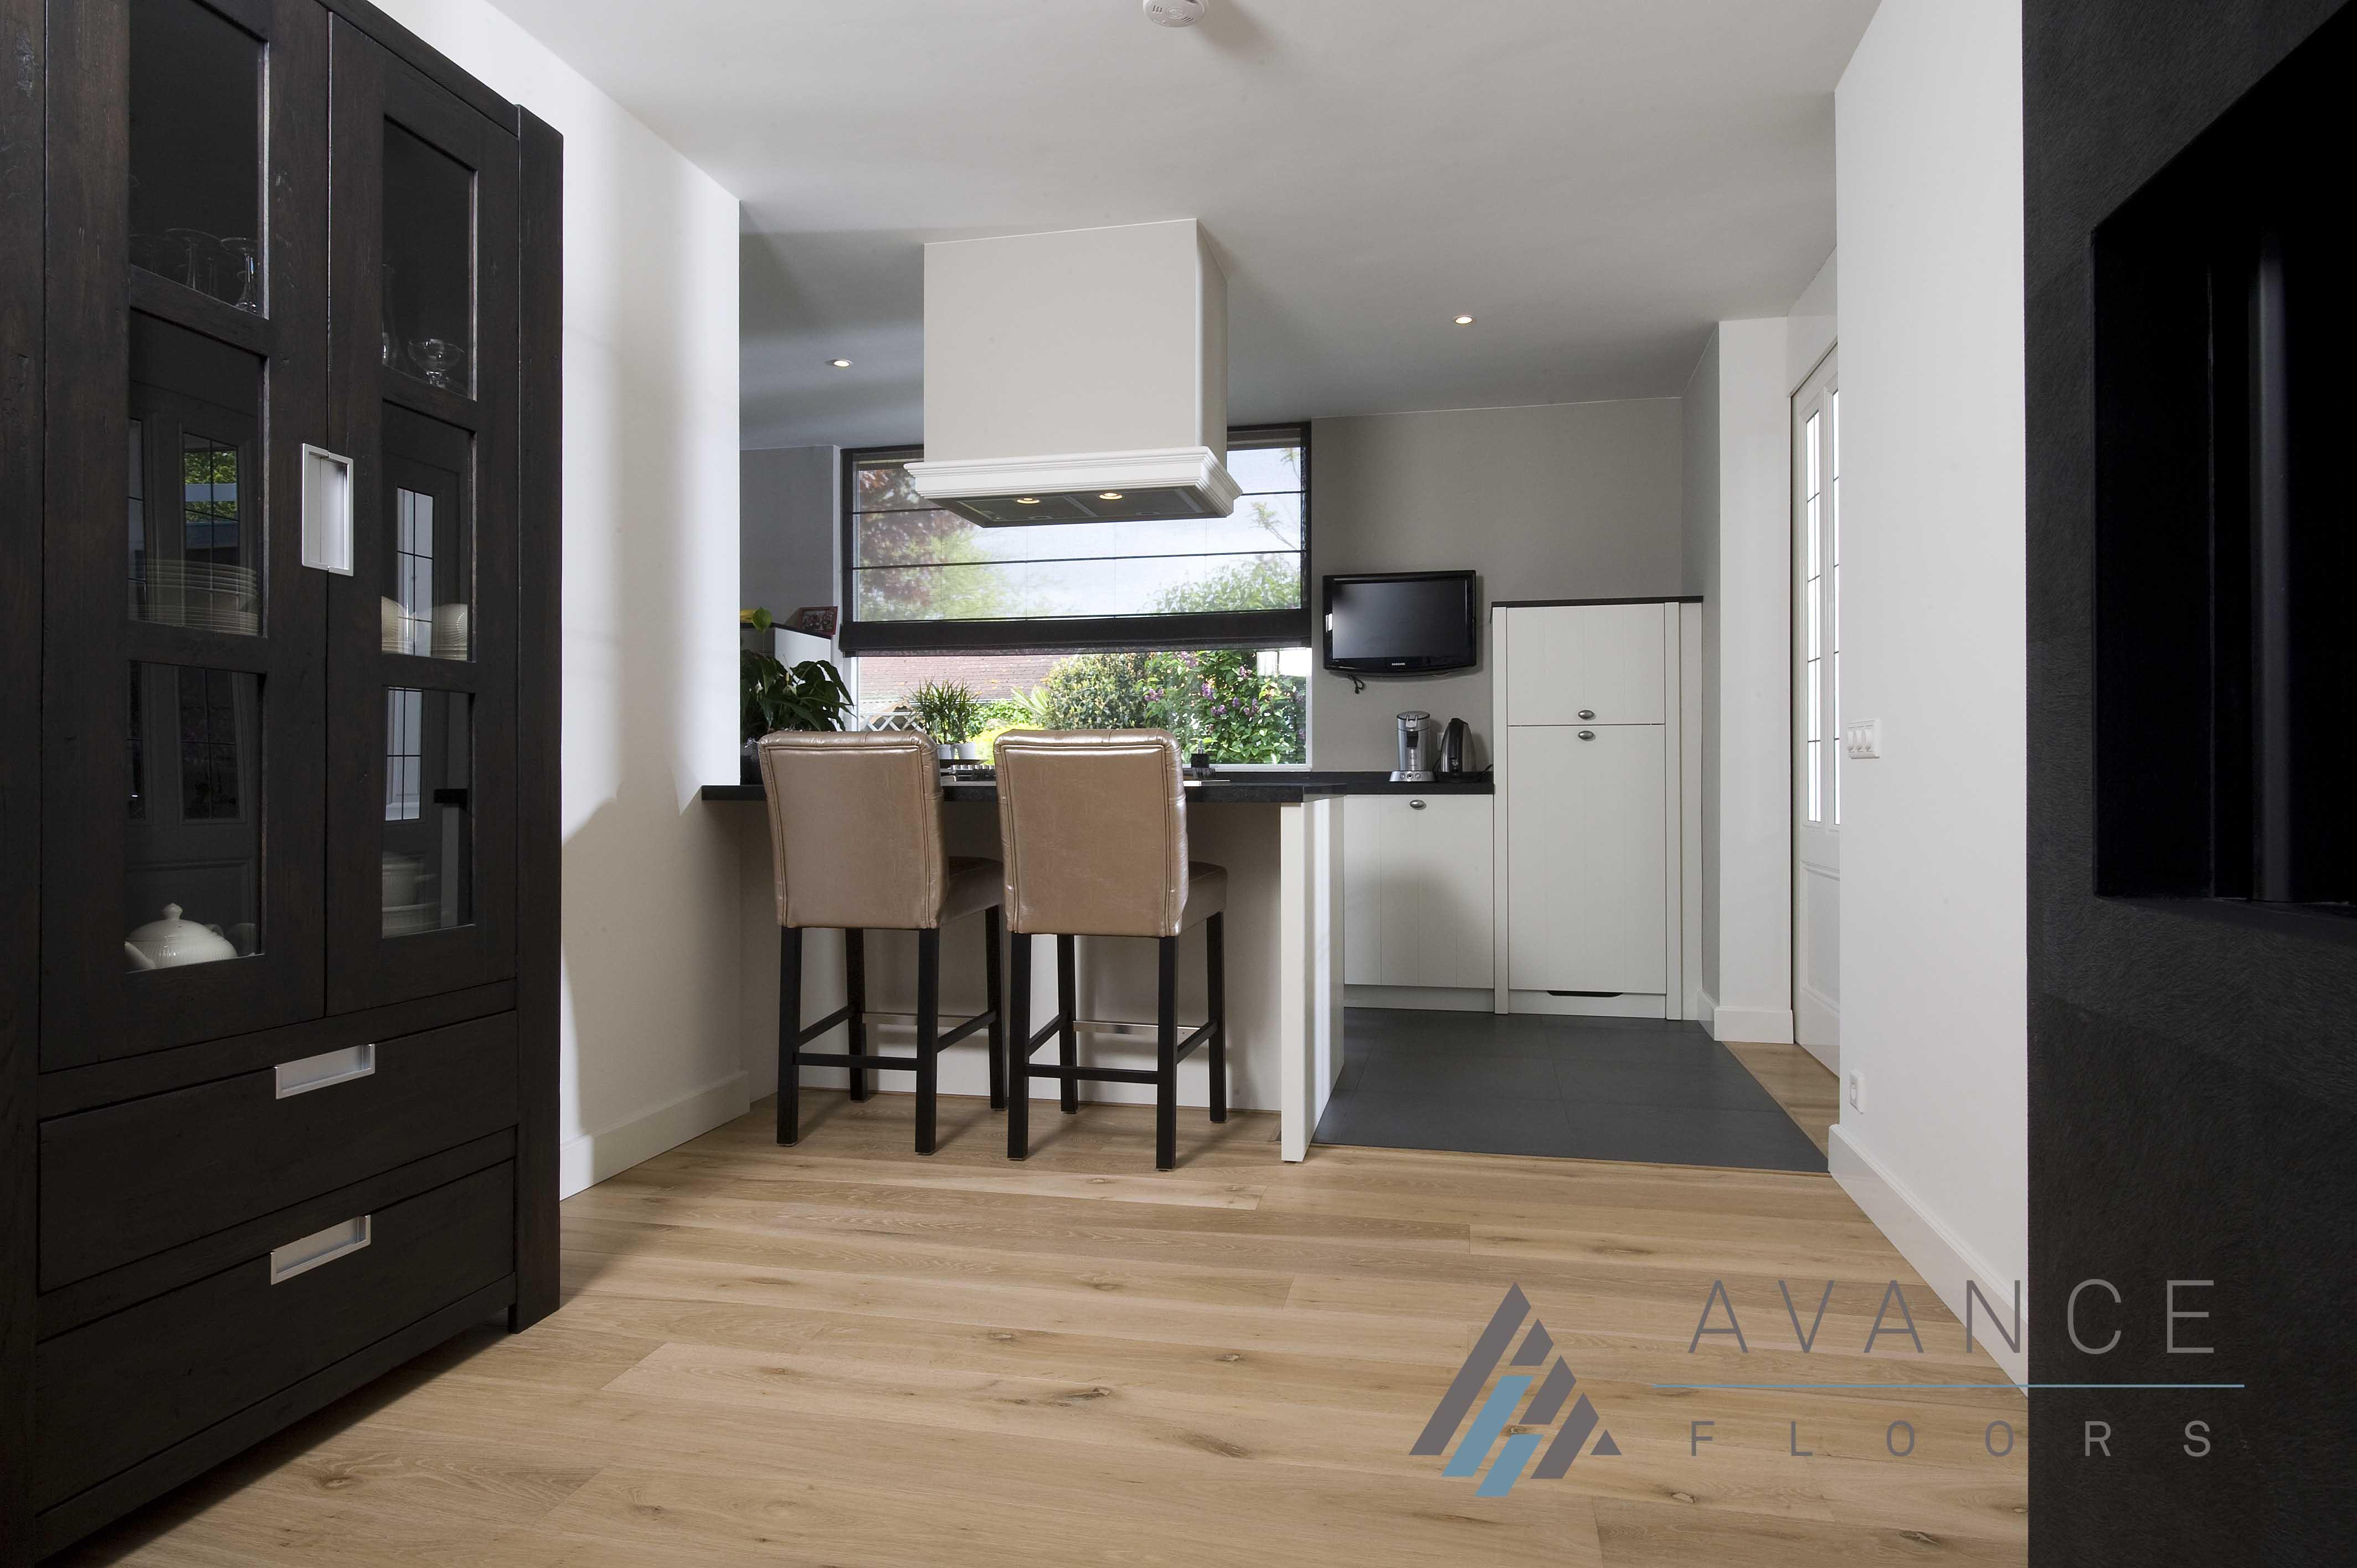 Van hemert woonsfeer d vloeren specialist - Hardhouten vloeren vloerverwarming ...